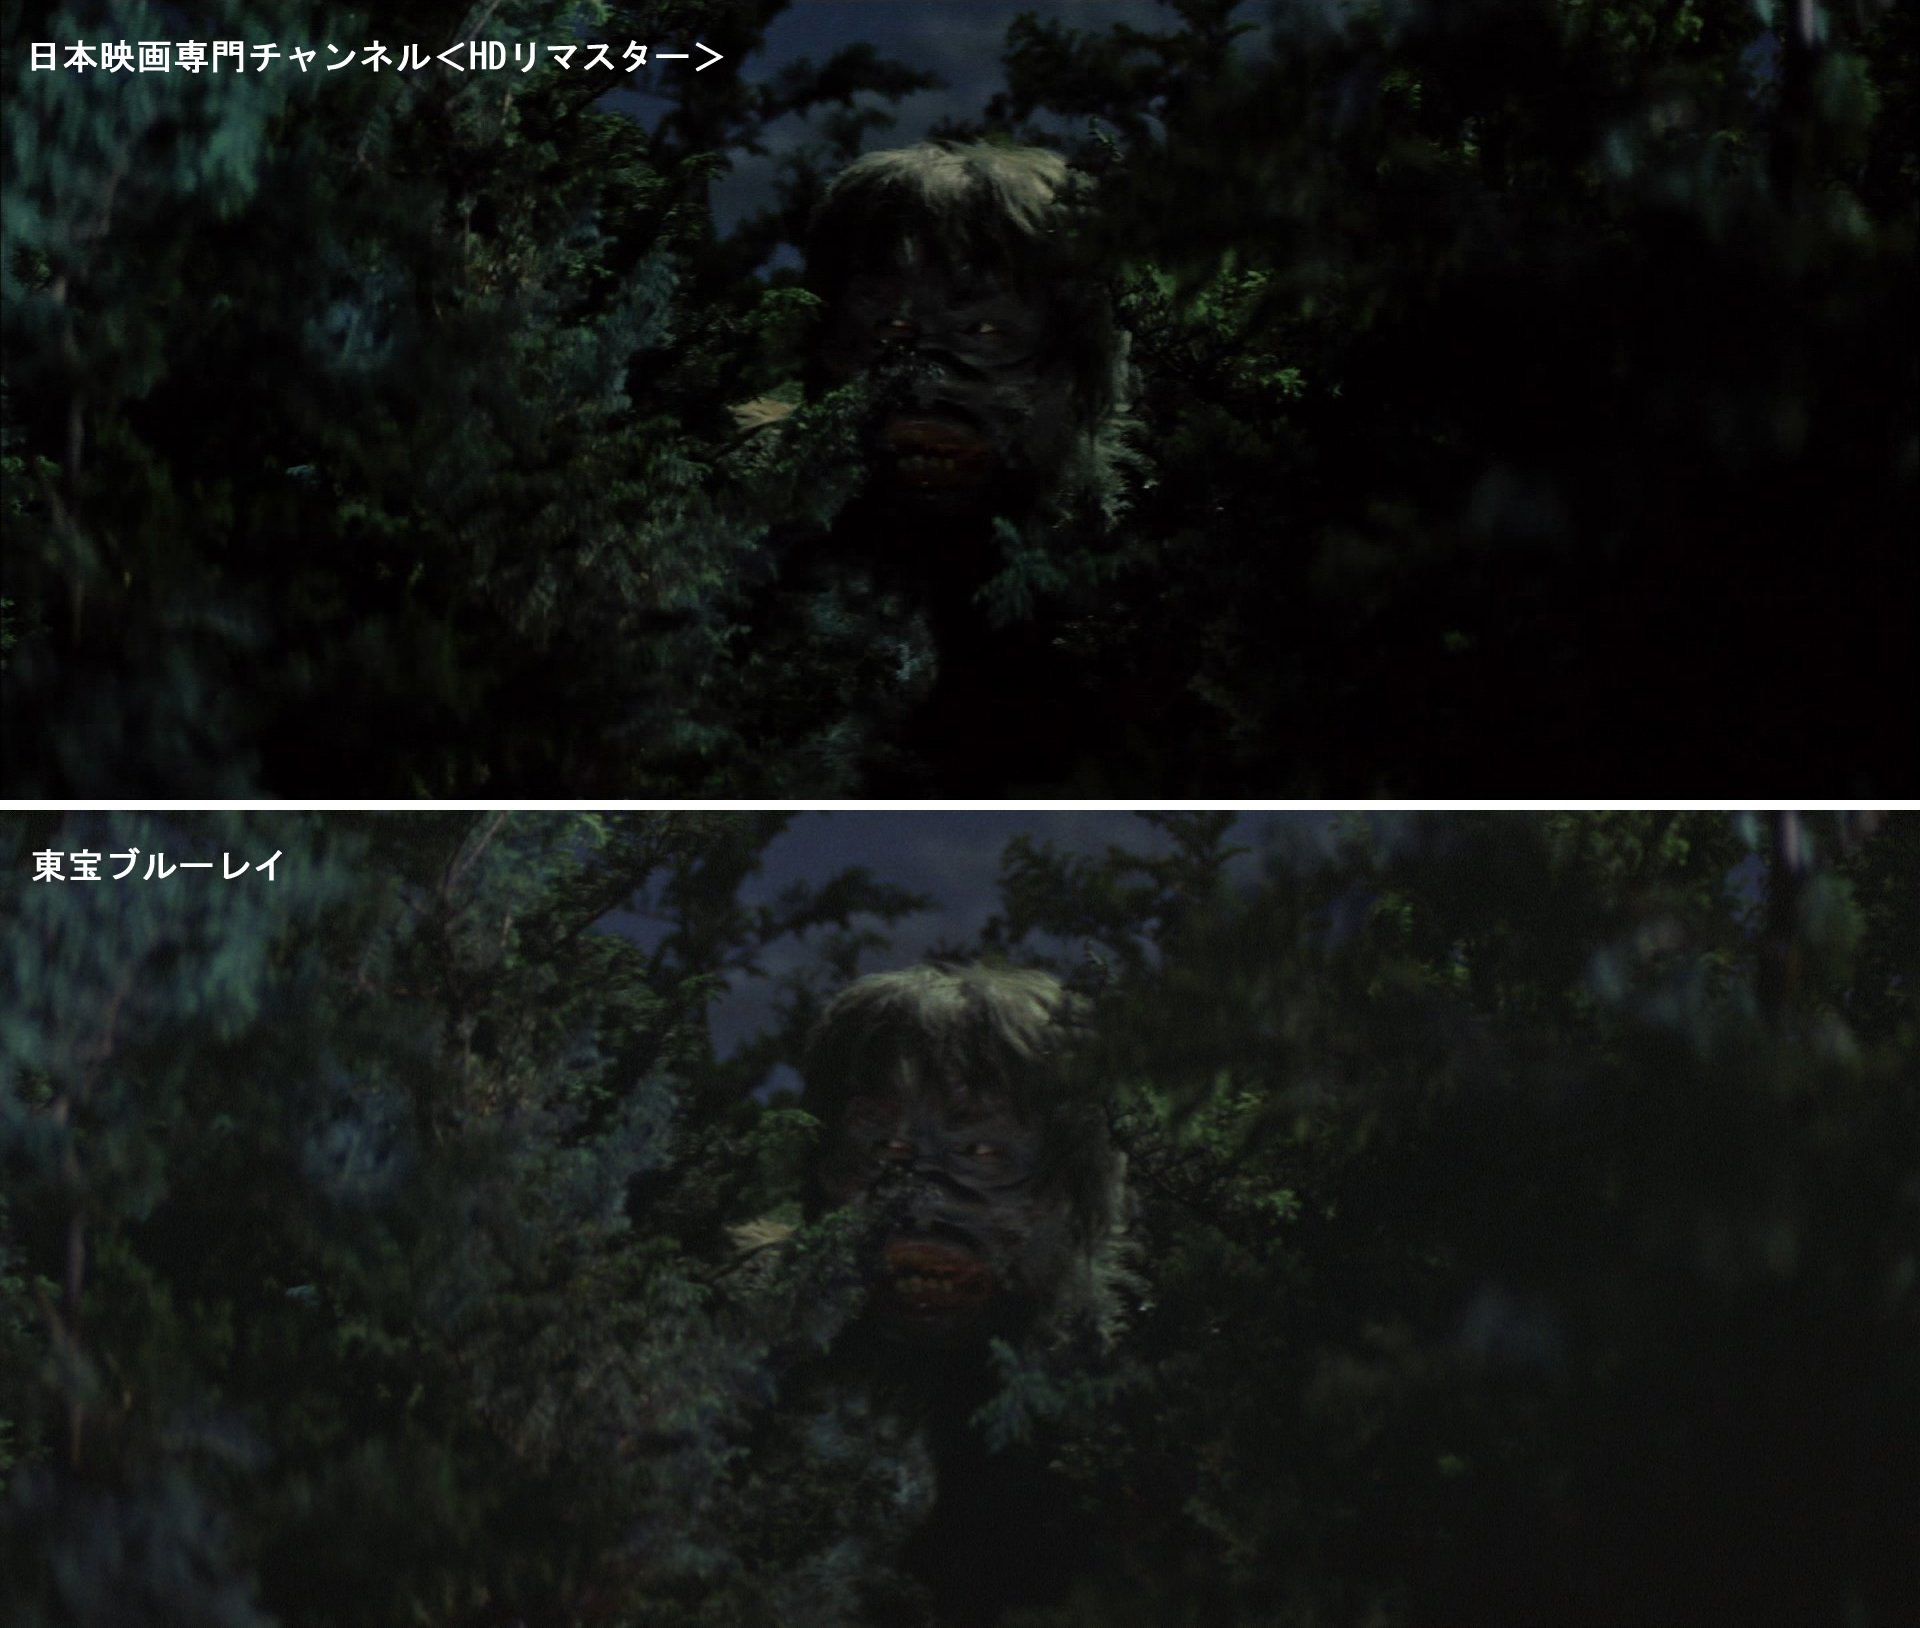 フランケンシュタインの怪獣 サンダ対ガイラ 木間に潜むガイラ(上下比較)